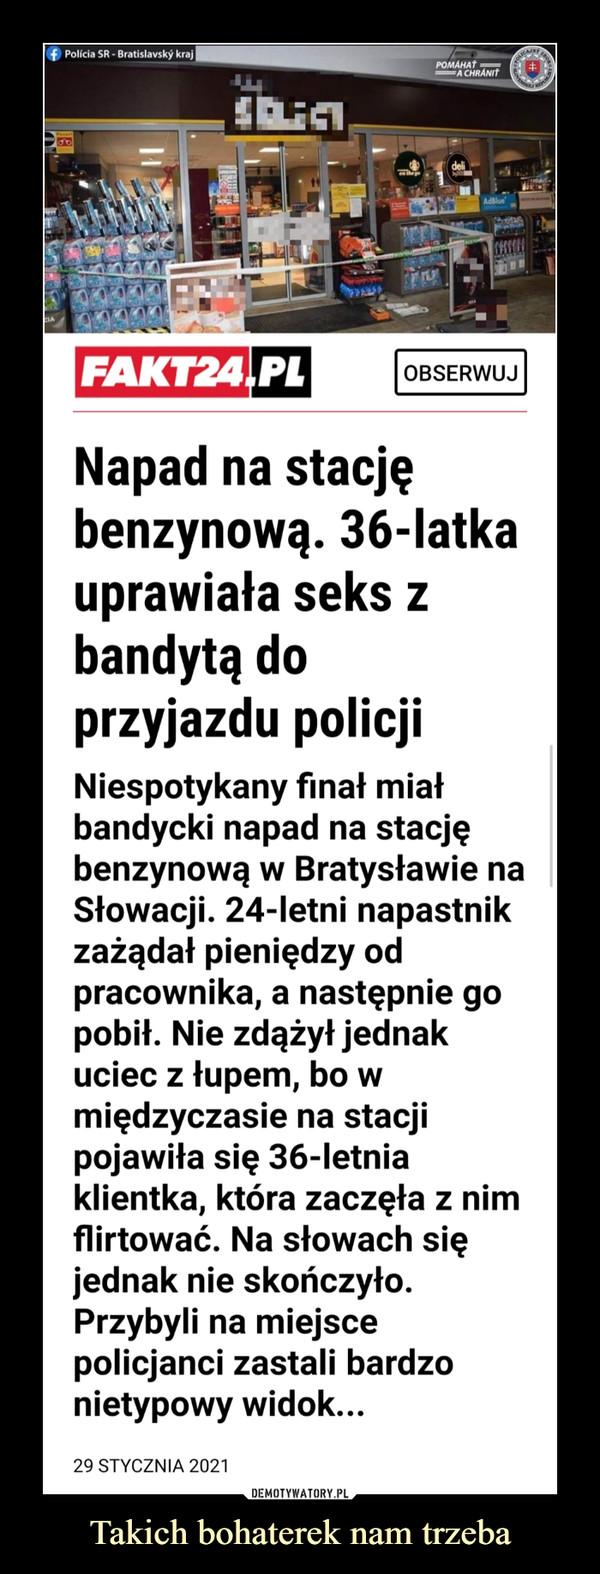 Takich bohaterek nam trzeba –  f Polícia SR - Bratislavský krajO RORPOMÁHAŤA CHRÁNITdeliAdBlueFAKT24,PLOBSERWUJNapad na stacjębenzynową. 36-latkauprawiała seks zbandytą doprzyjazdu policjiNiespotykany finał miałbandycki napad na stacjębenzynową w Bratysławie naSłowacji. 24-letni napastnikzażądał pieniędzy odpracownika, a następnie gopobił. Nie zdążył jednakuciec z łupem, bo wmiędzyczasie na stacjipojawiła się 36-letniaklientka, która zaczęła z nimflirtować. Na słowach sięjednak nie skończyło.Przybyli na miejscepolicjanci zastali bardzonietypowy widok...29 STYCZNIA 2021